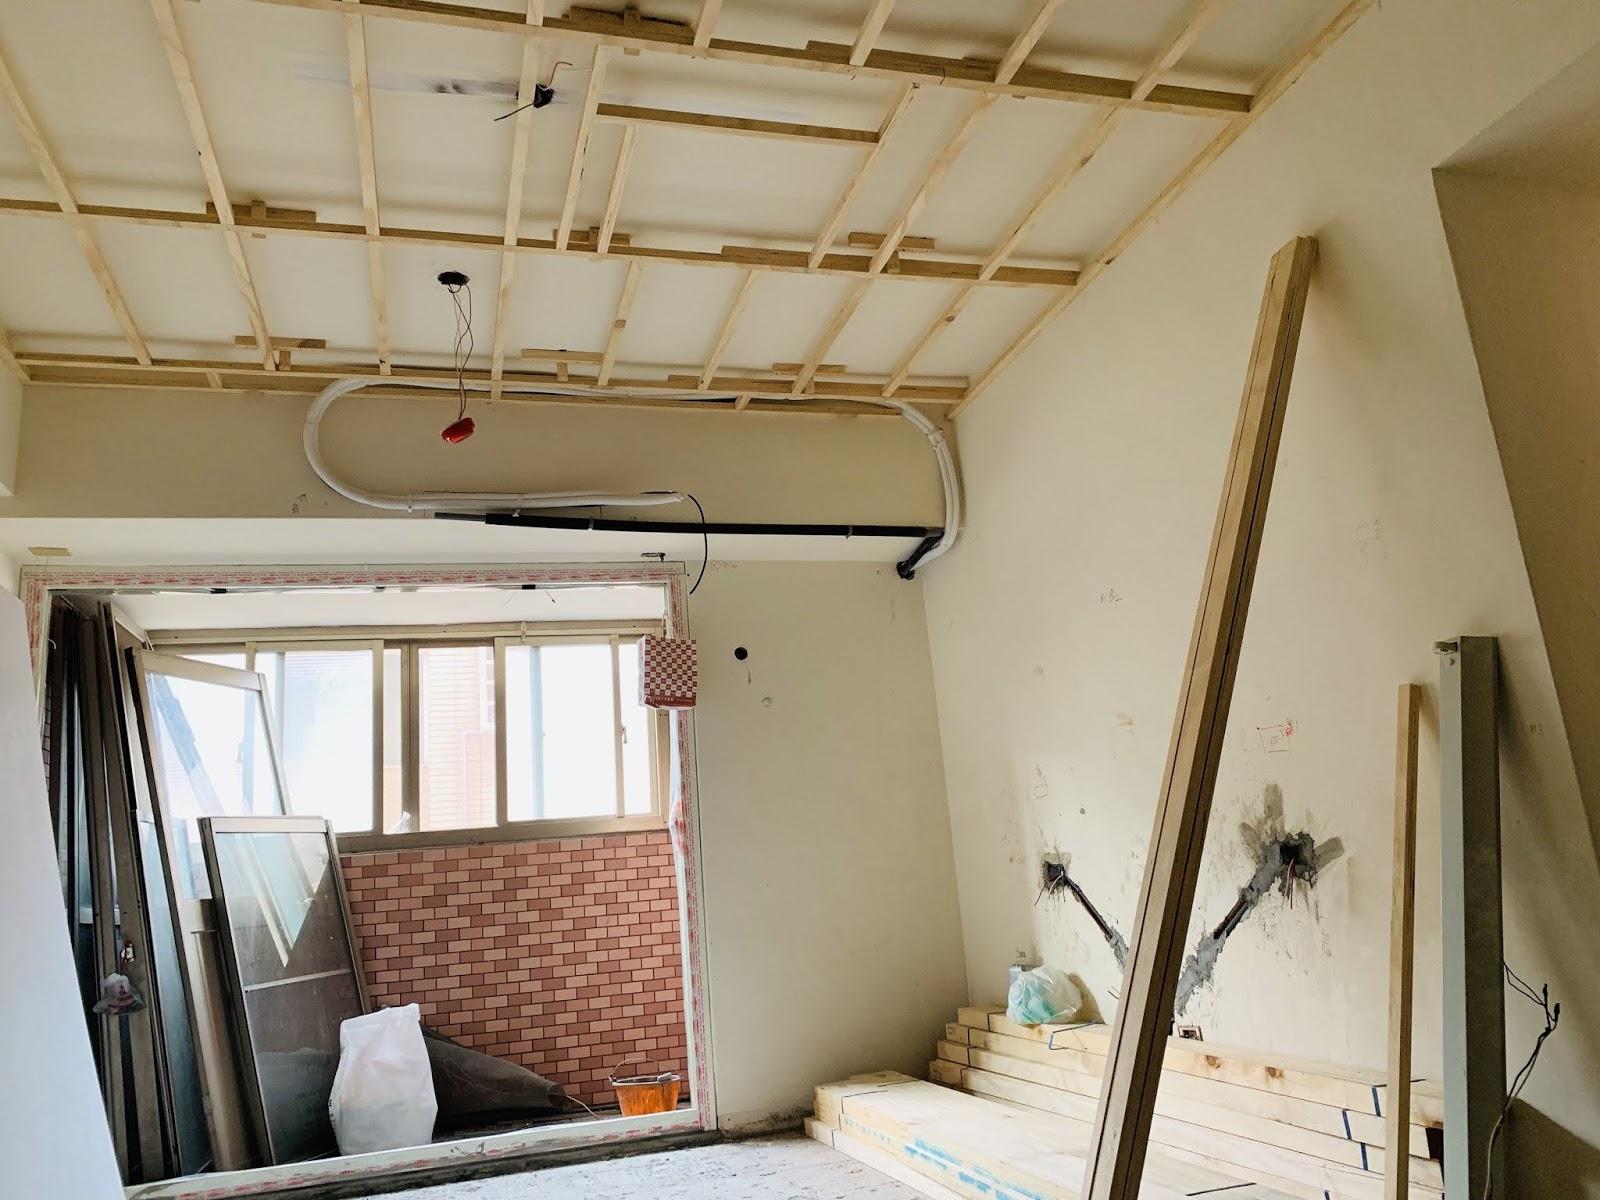 冷氣管線在天花板角材上